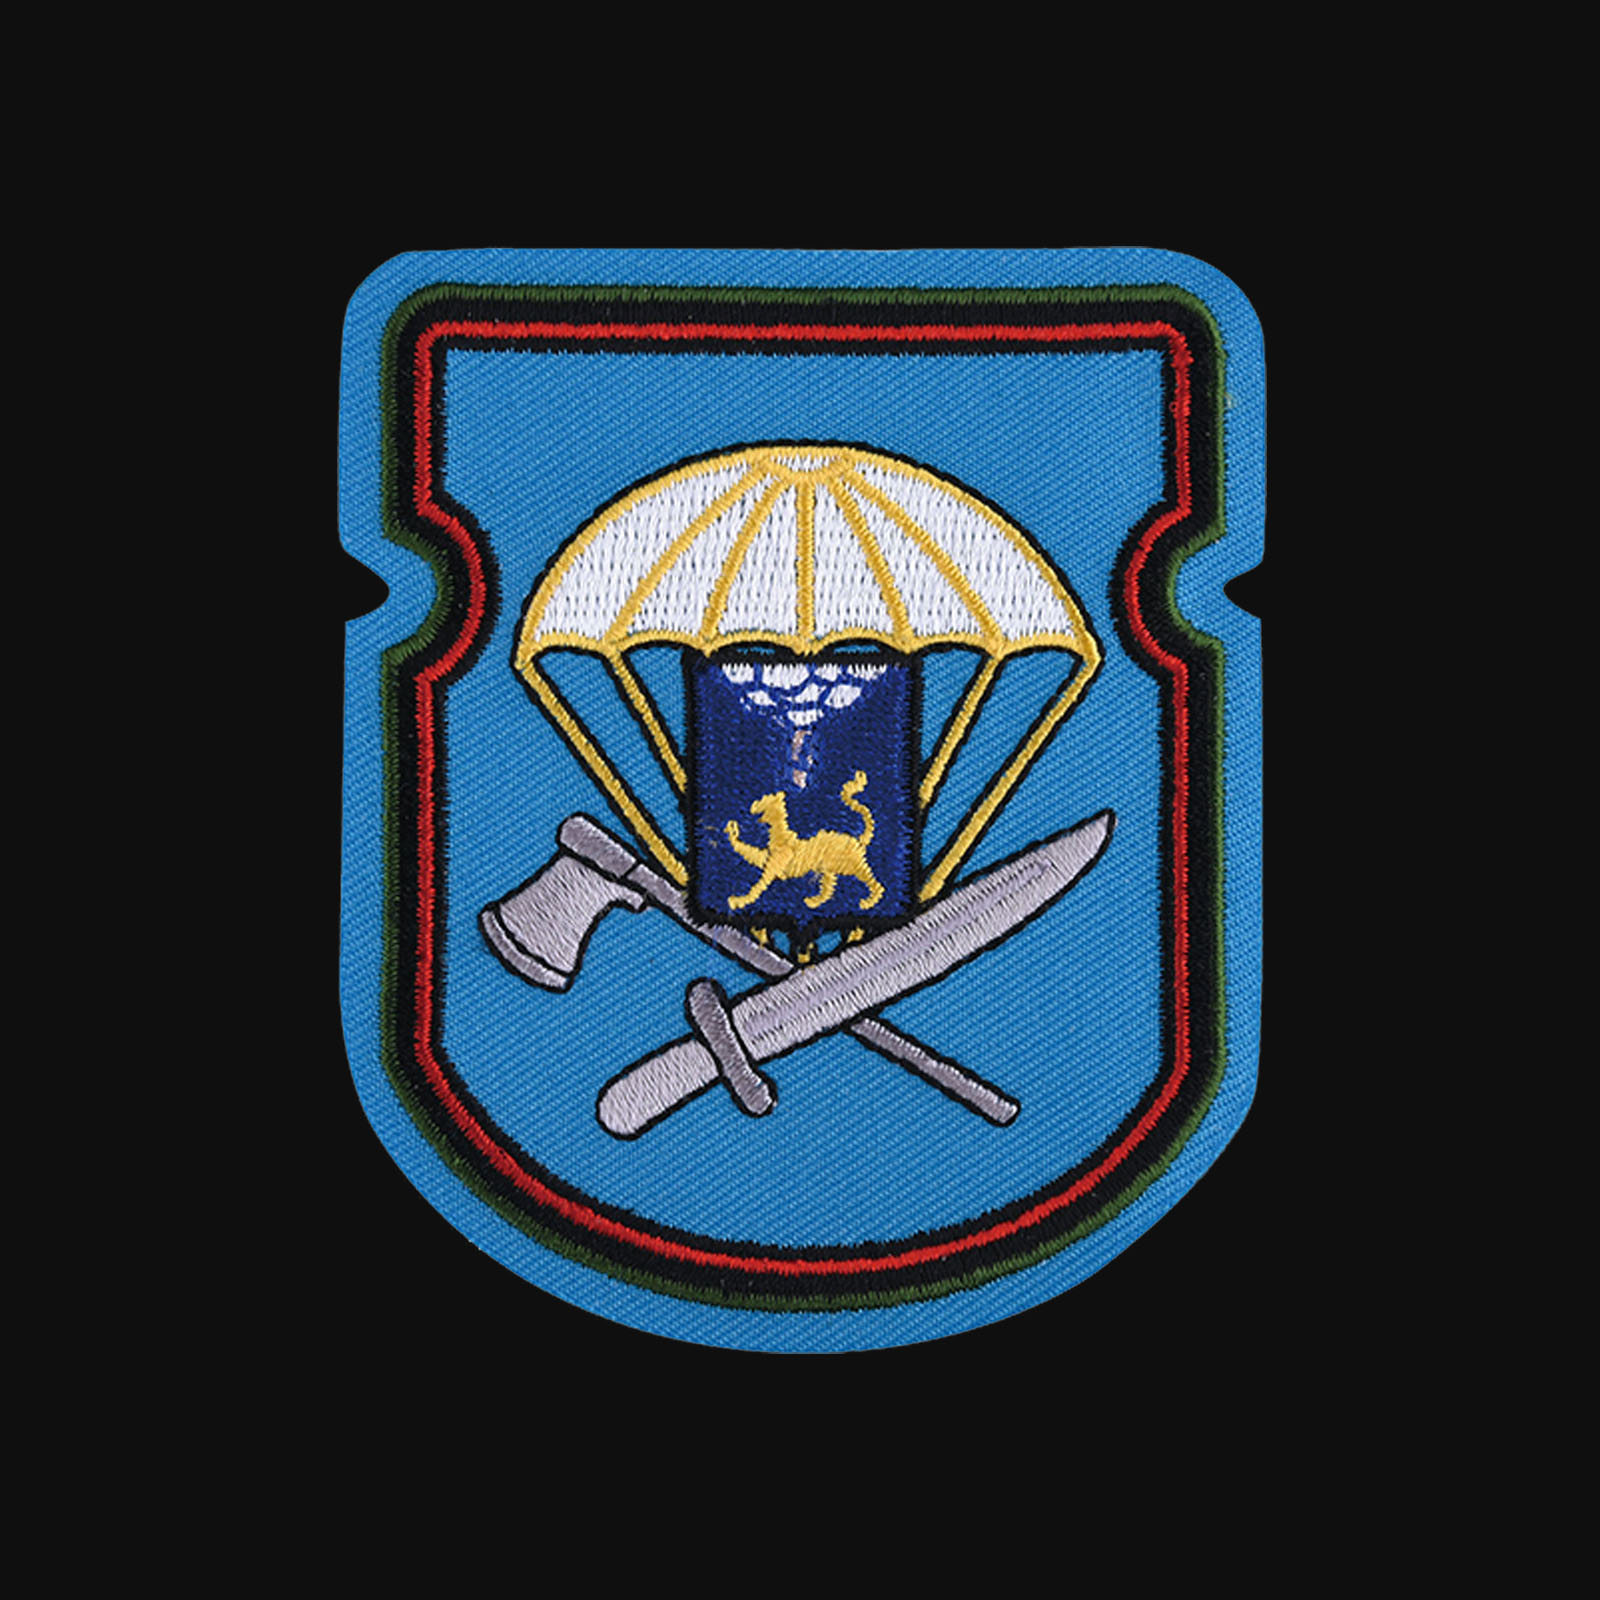 Мужская толстовка 656-й отдельный инженерно-сапёрный батальон 76-ой ДШД ВДВ